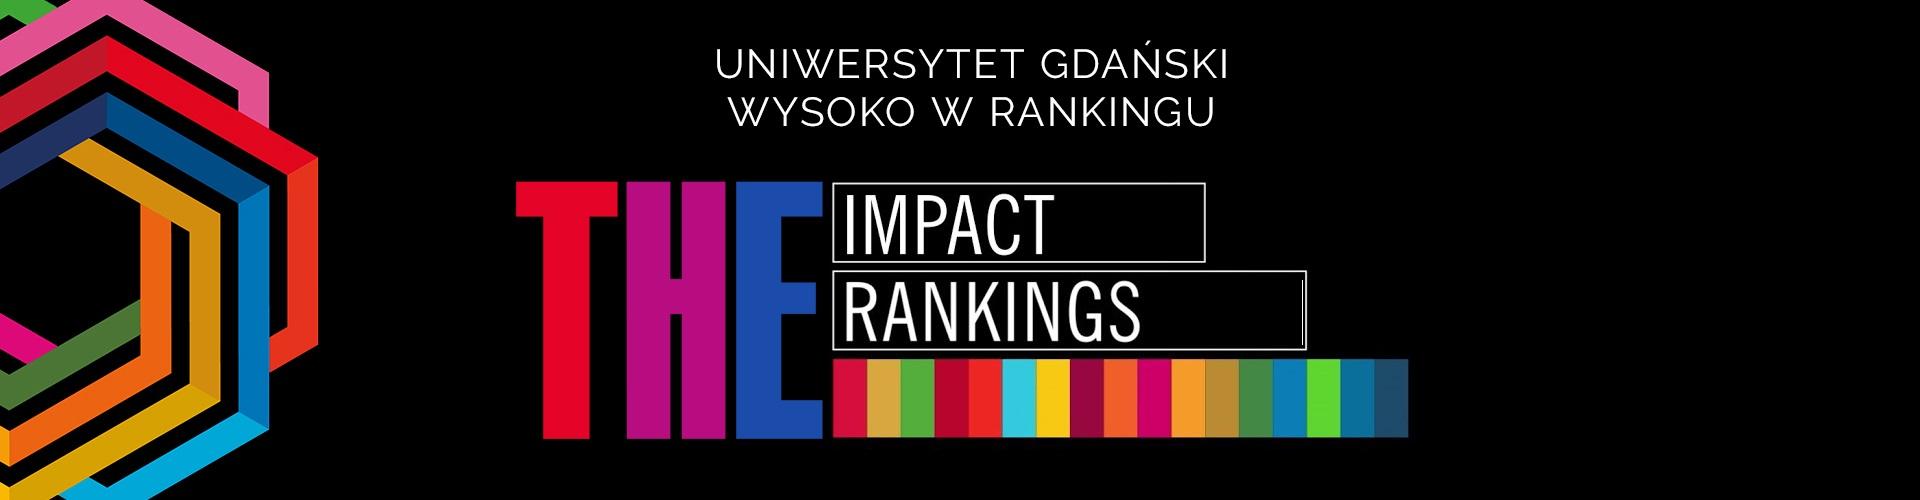 Uniwersytet Gdański wysoko w prestiżowym zestawieniu Times Higher Education Impact Rankings 2021